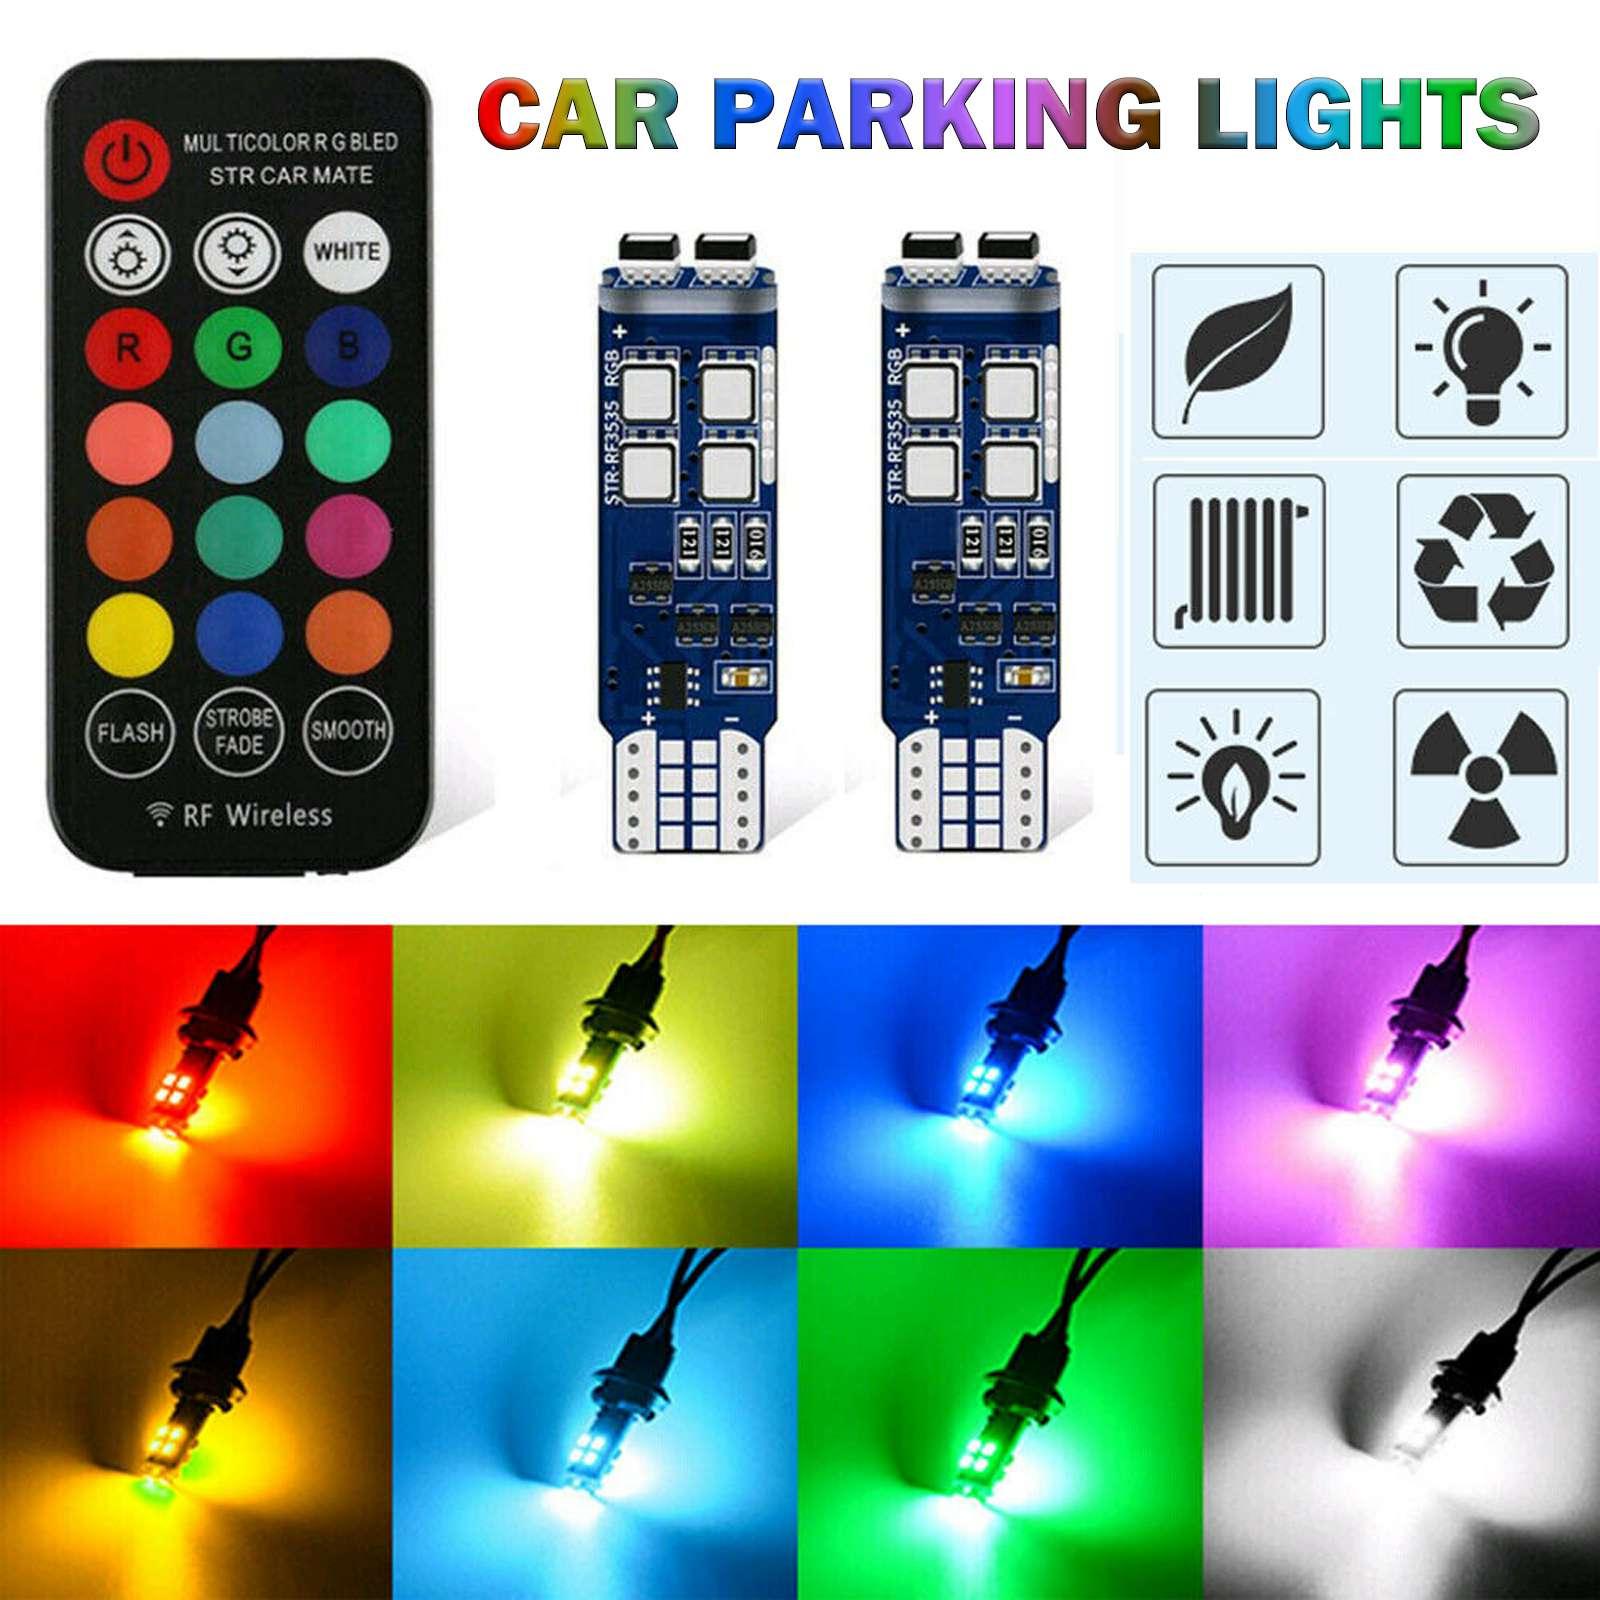 Auto Parkplatz Lichter Multi-Farbe RGB 168 194 T10 Led-lampen W/RF Fernbedienung Auto Freiheit Lichter montage Lesen Lichter